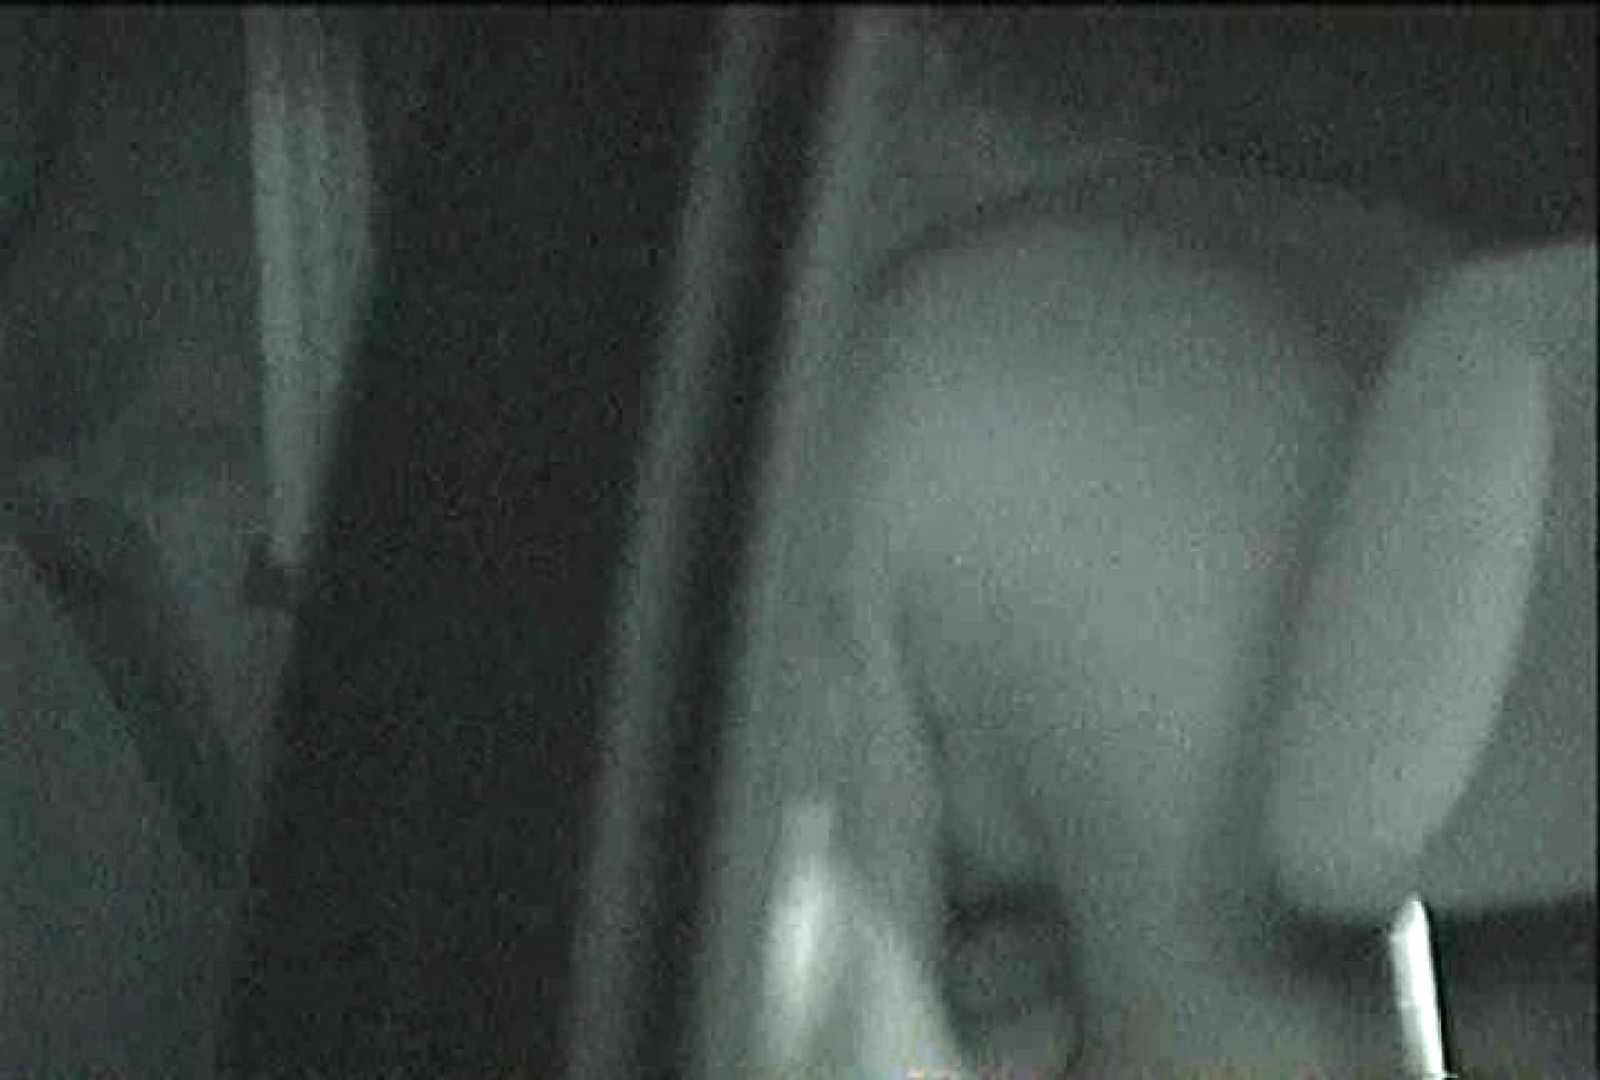 充血監督の深夜の運動会Vol.81 独身エッチOL | ギャルライフ  48pic 27